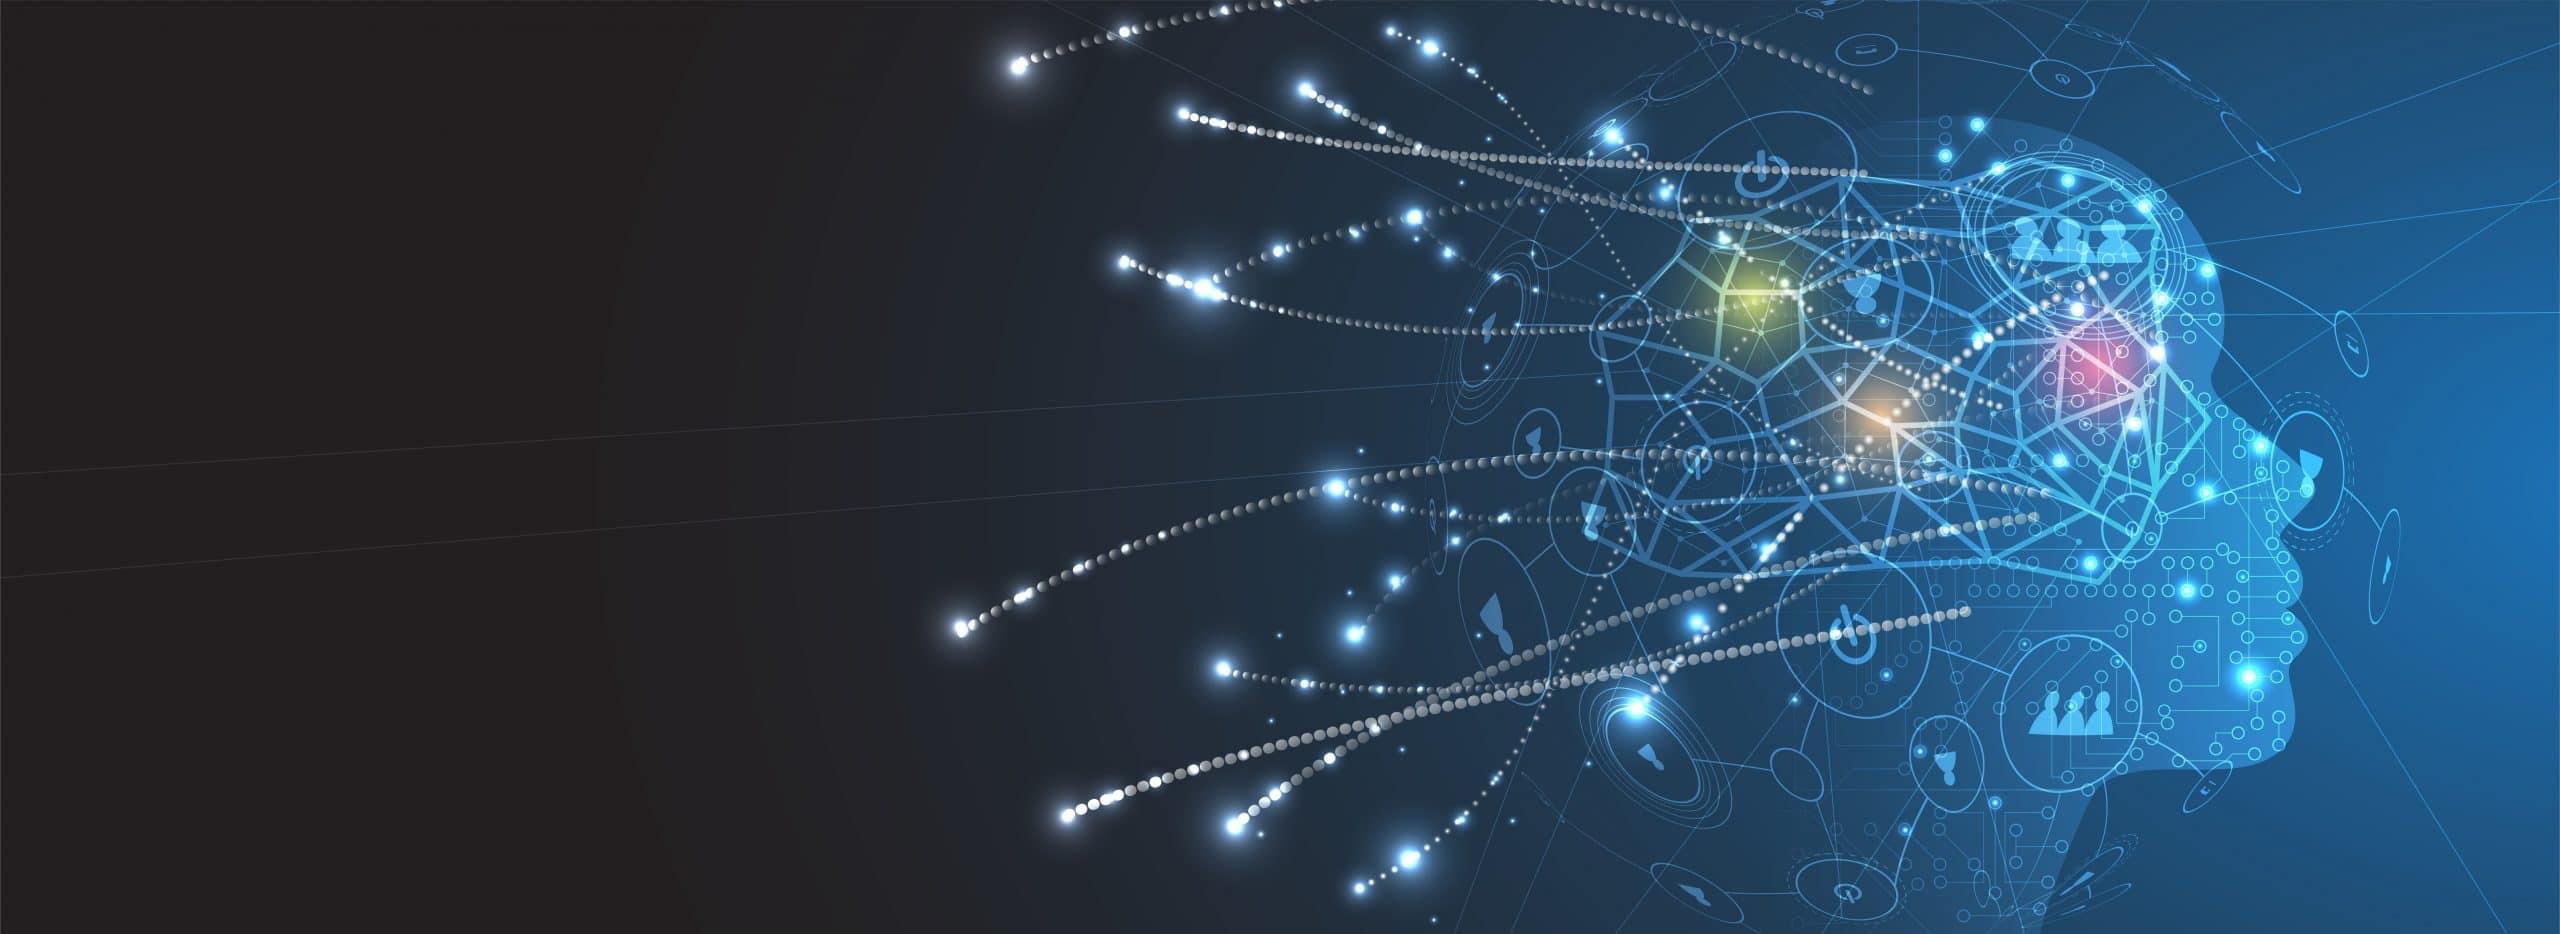 Os benefícios da Inteligência Artificial - IA para o ecossistema de tecnologia